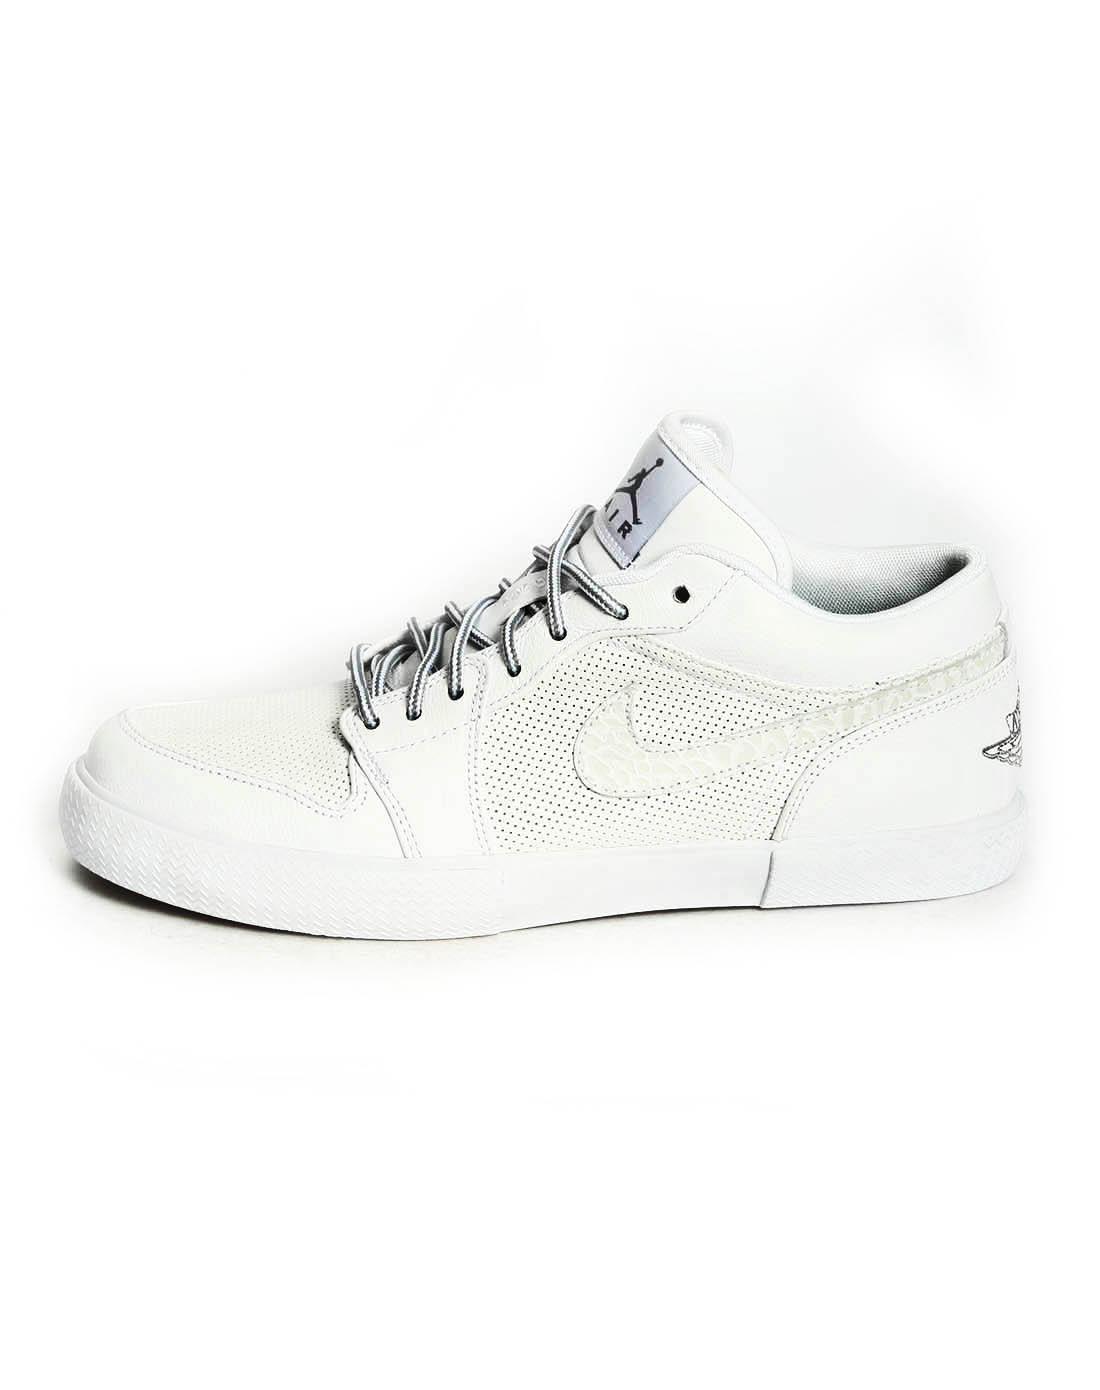 耐克nike-男子白色篮球鞋481177-100